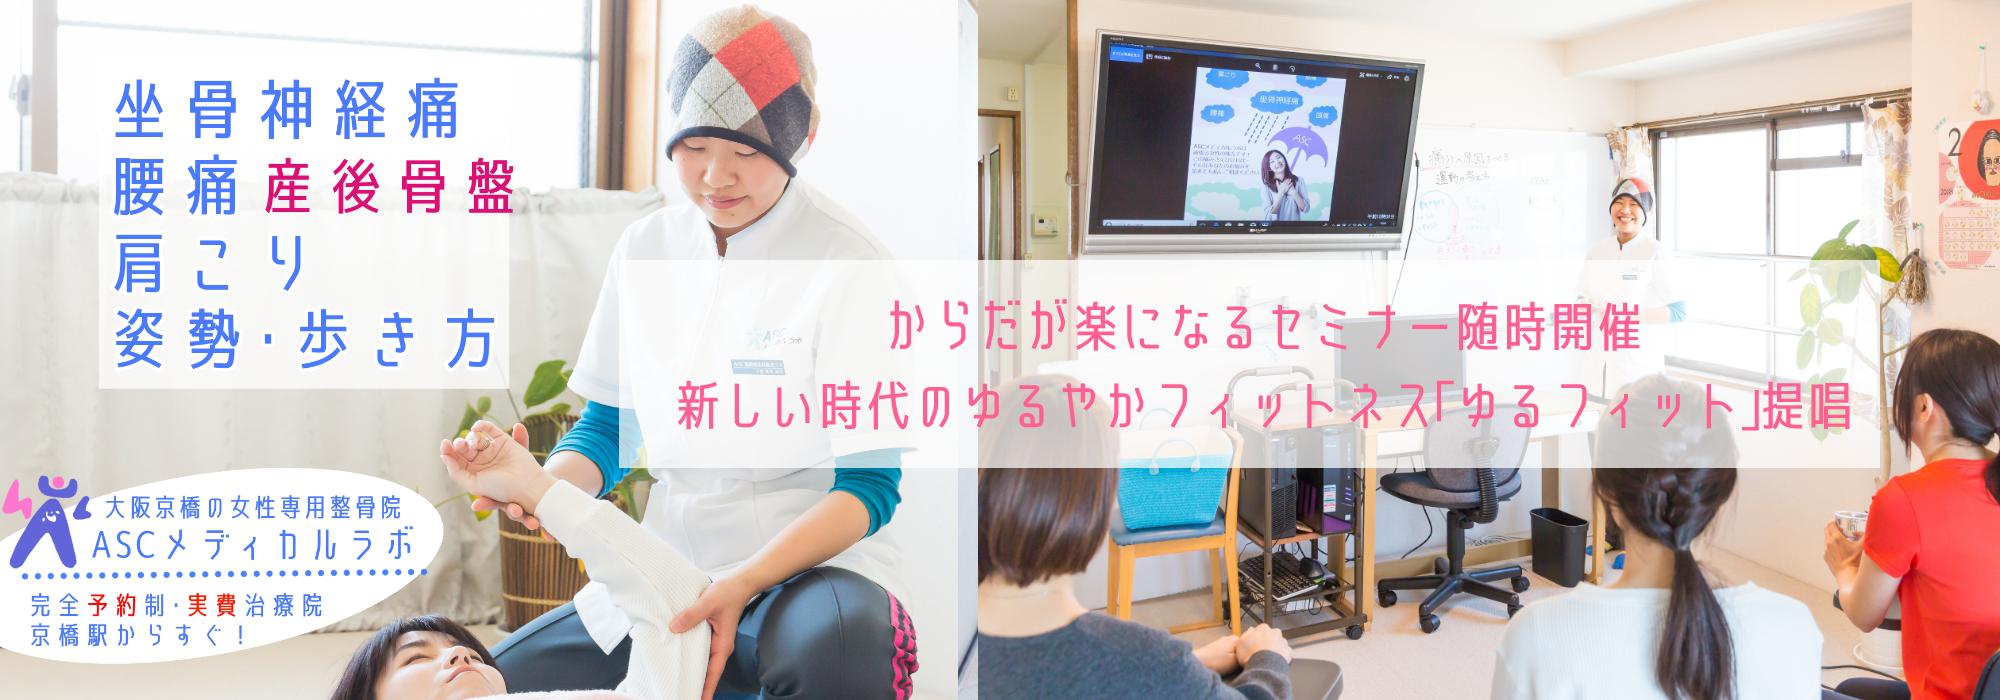 大阪京橋の女性専用整骨院ASCメディカルラボ